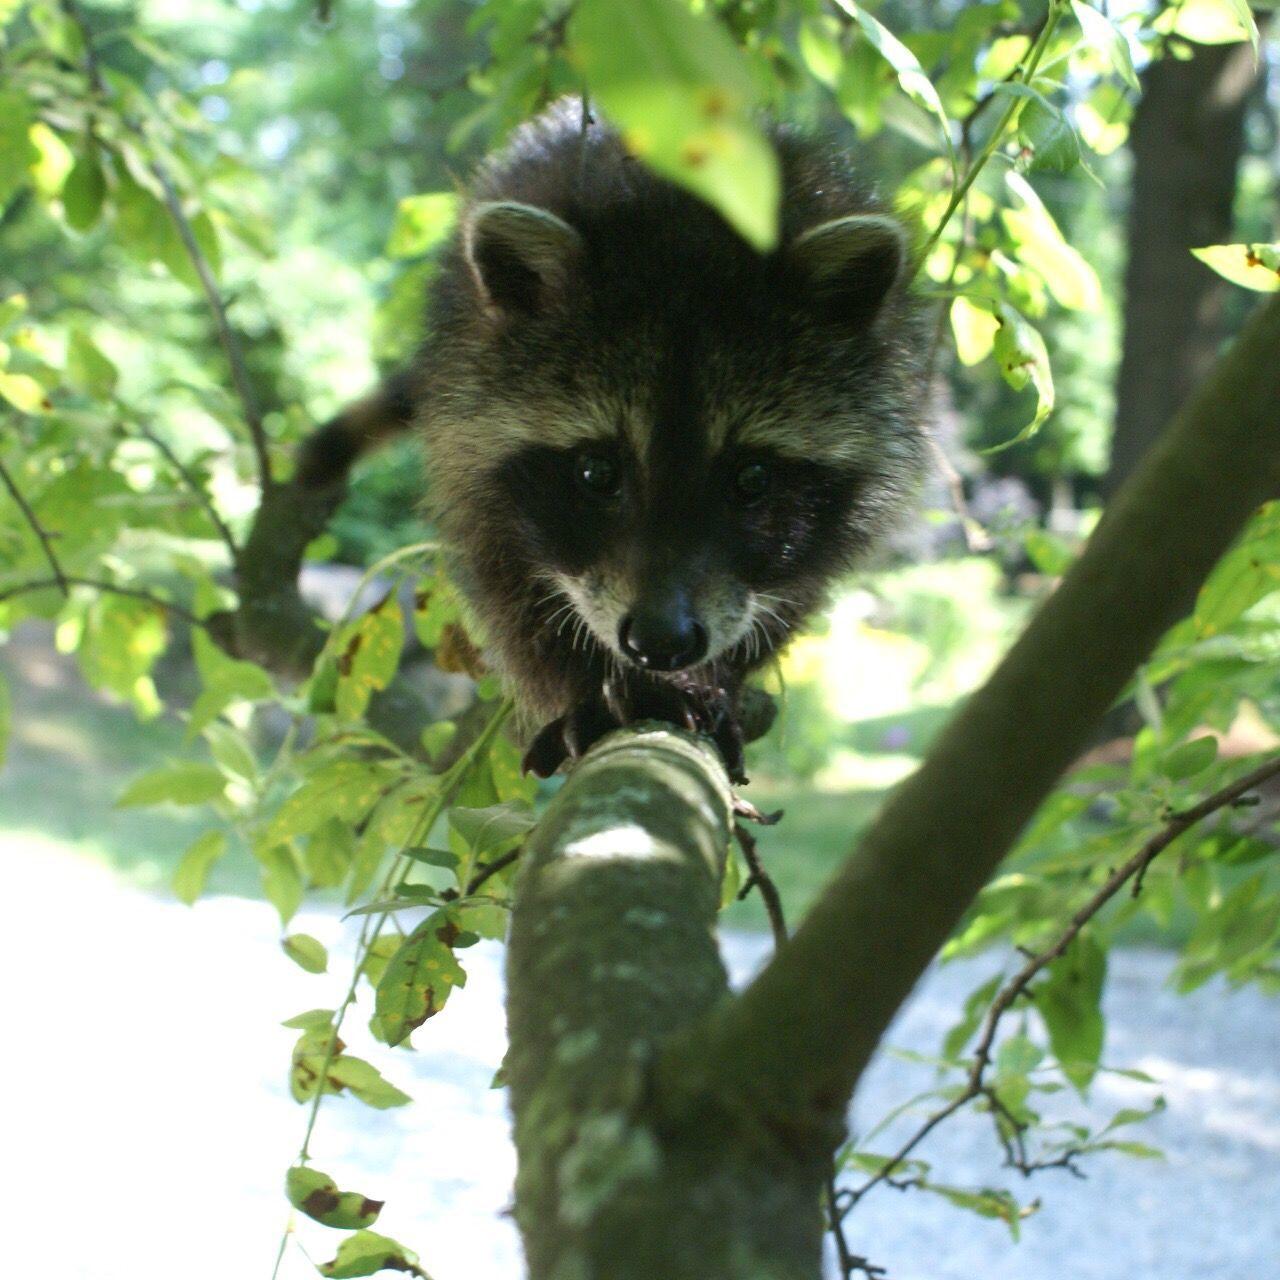 Animal Themes Raccoons Looking At Camera WoodLand Wildlife & Nature